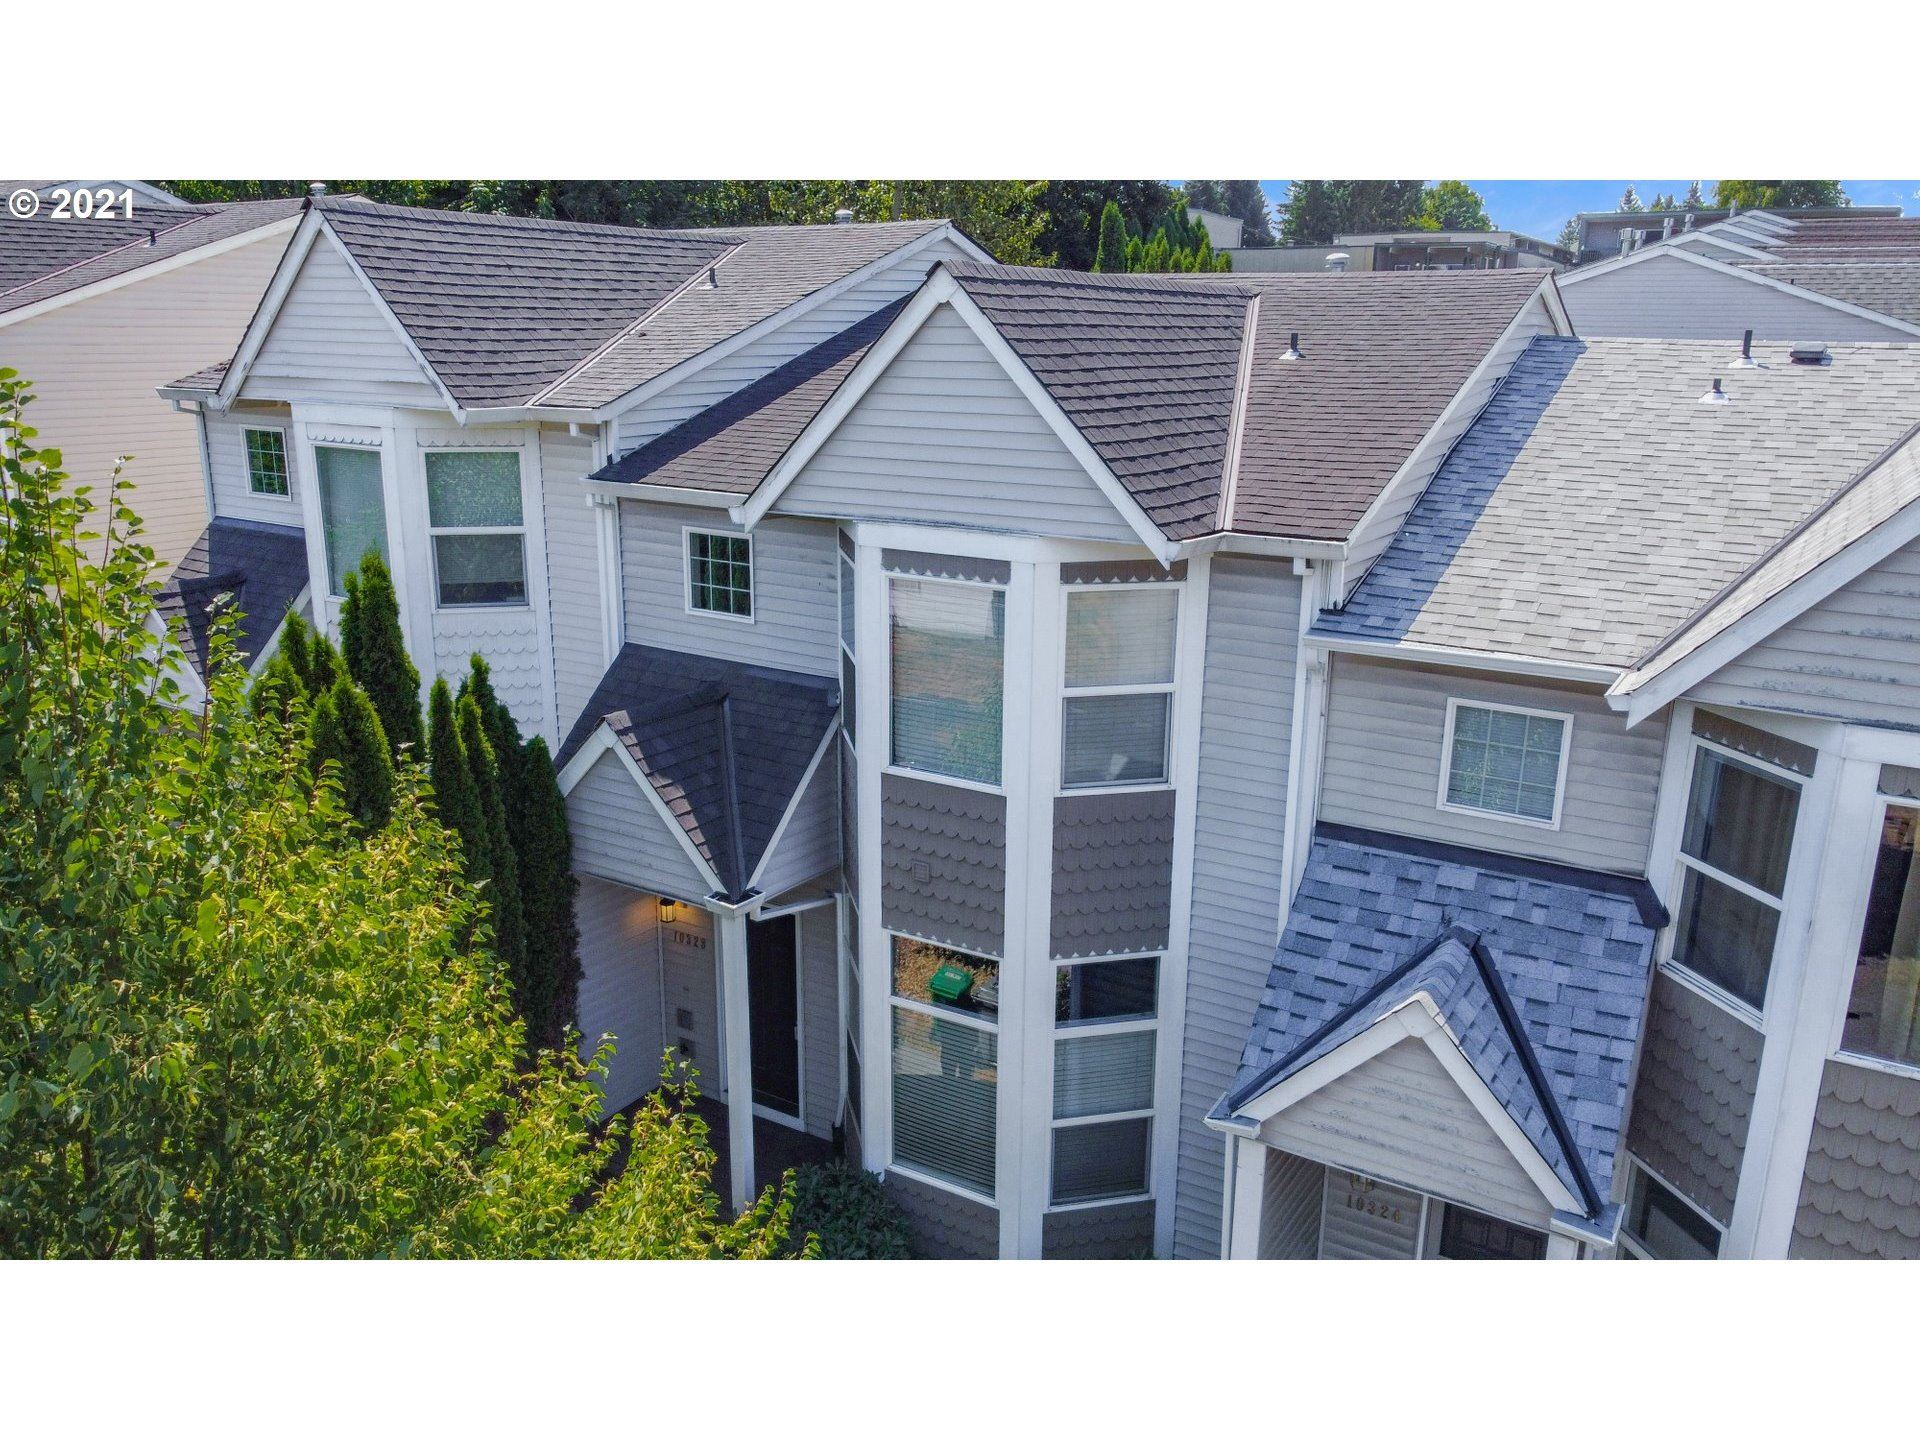 10328 NE FARGO ST, Portland, OR 97220 - MLS#: 21375034